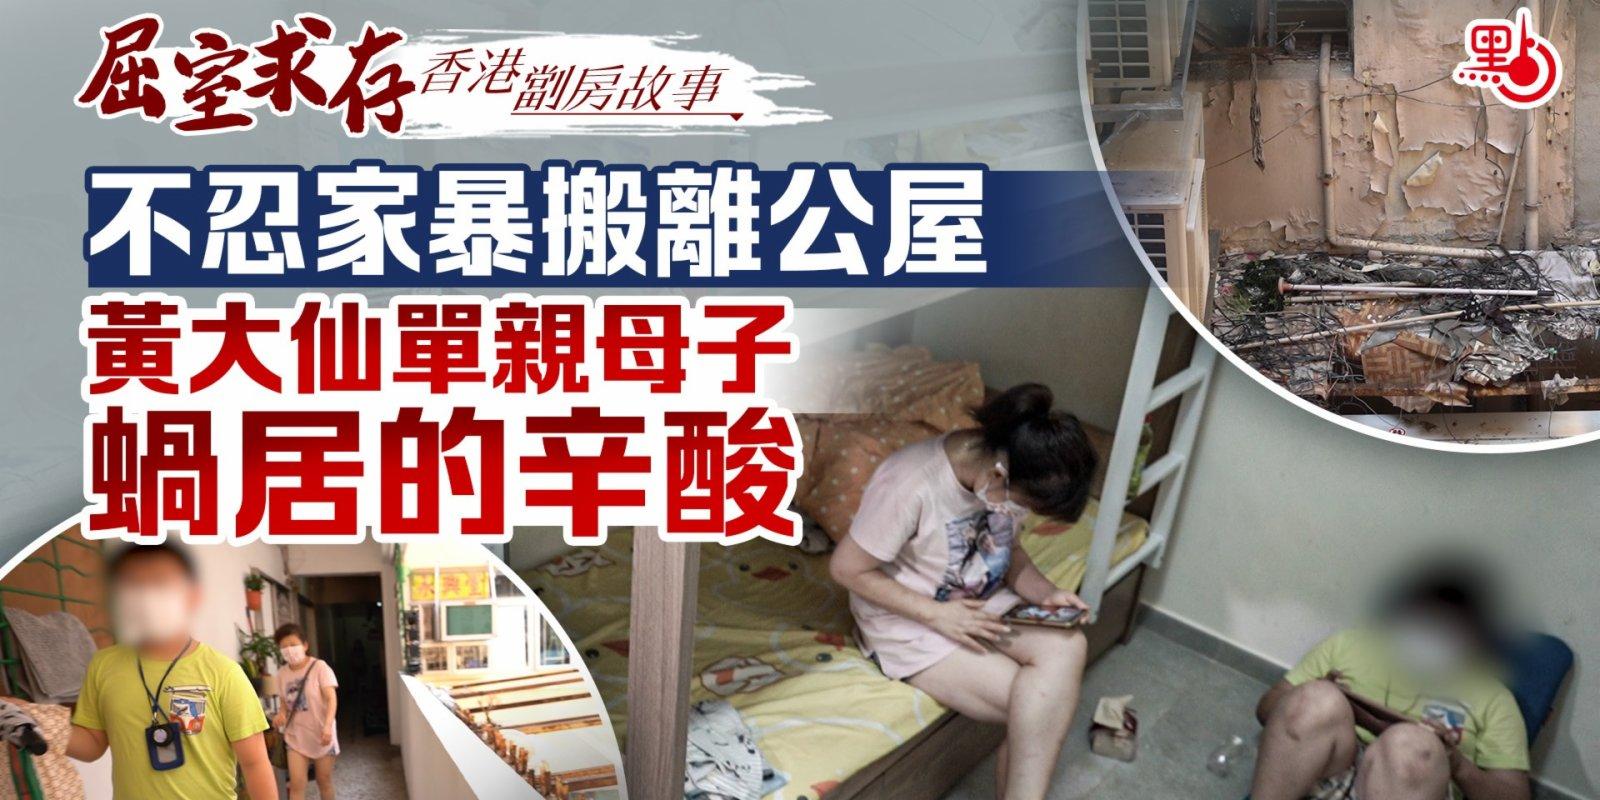 屈室求存|難忍家暴搬離公屋 黃大仙單親母子蝸居的辛酸(香港劏房故事)